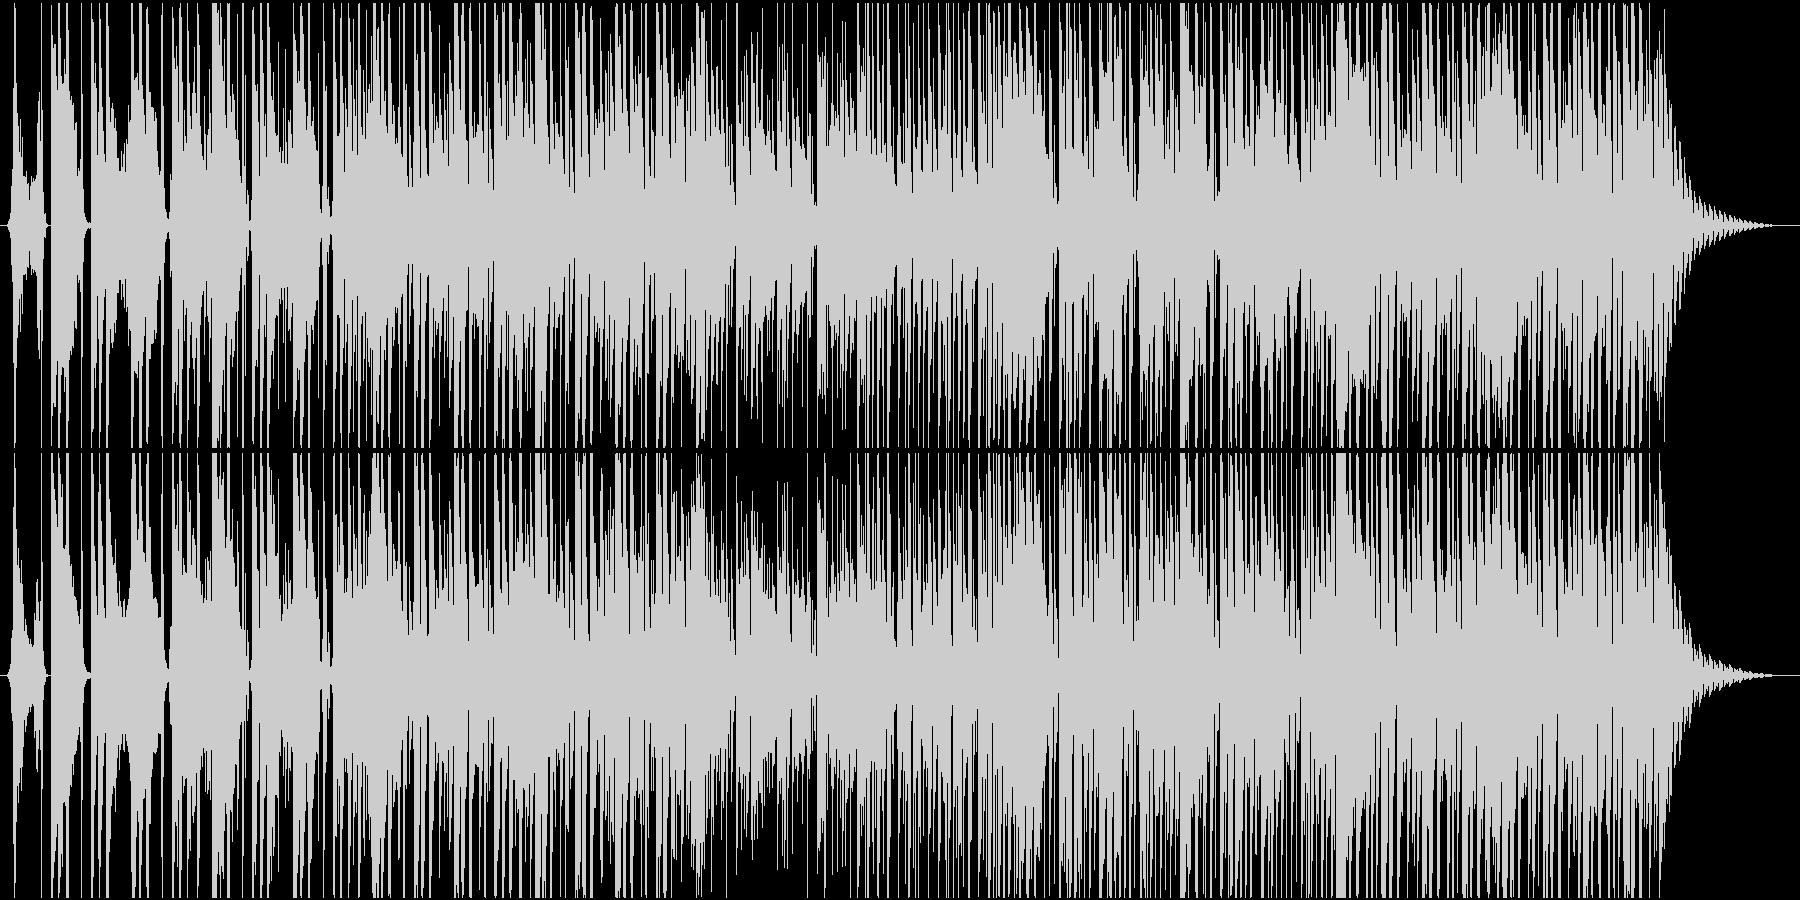 ボイスサンプルによるEDMポップの未再生の波形